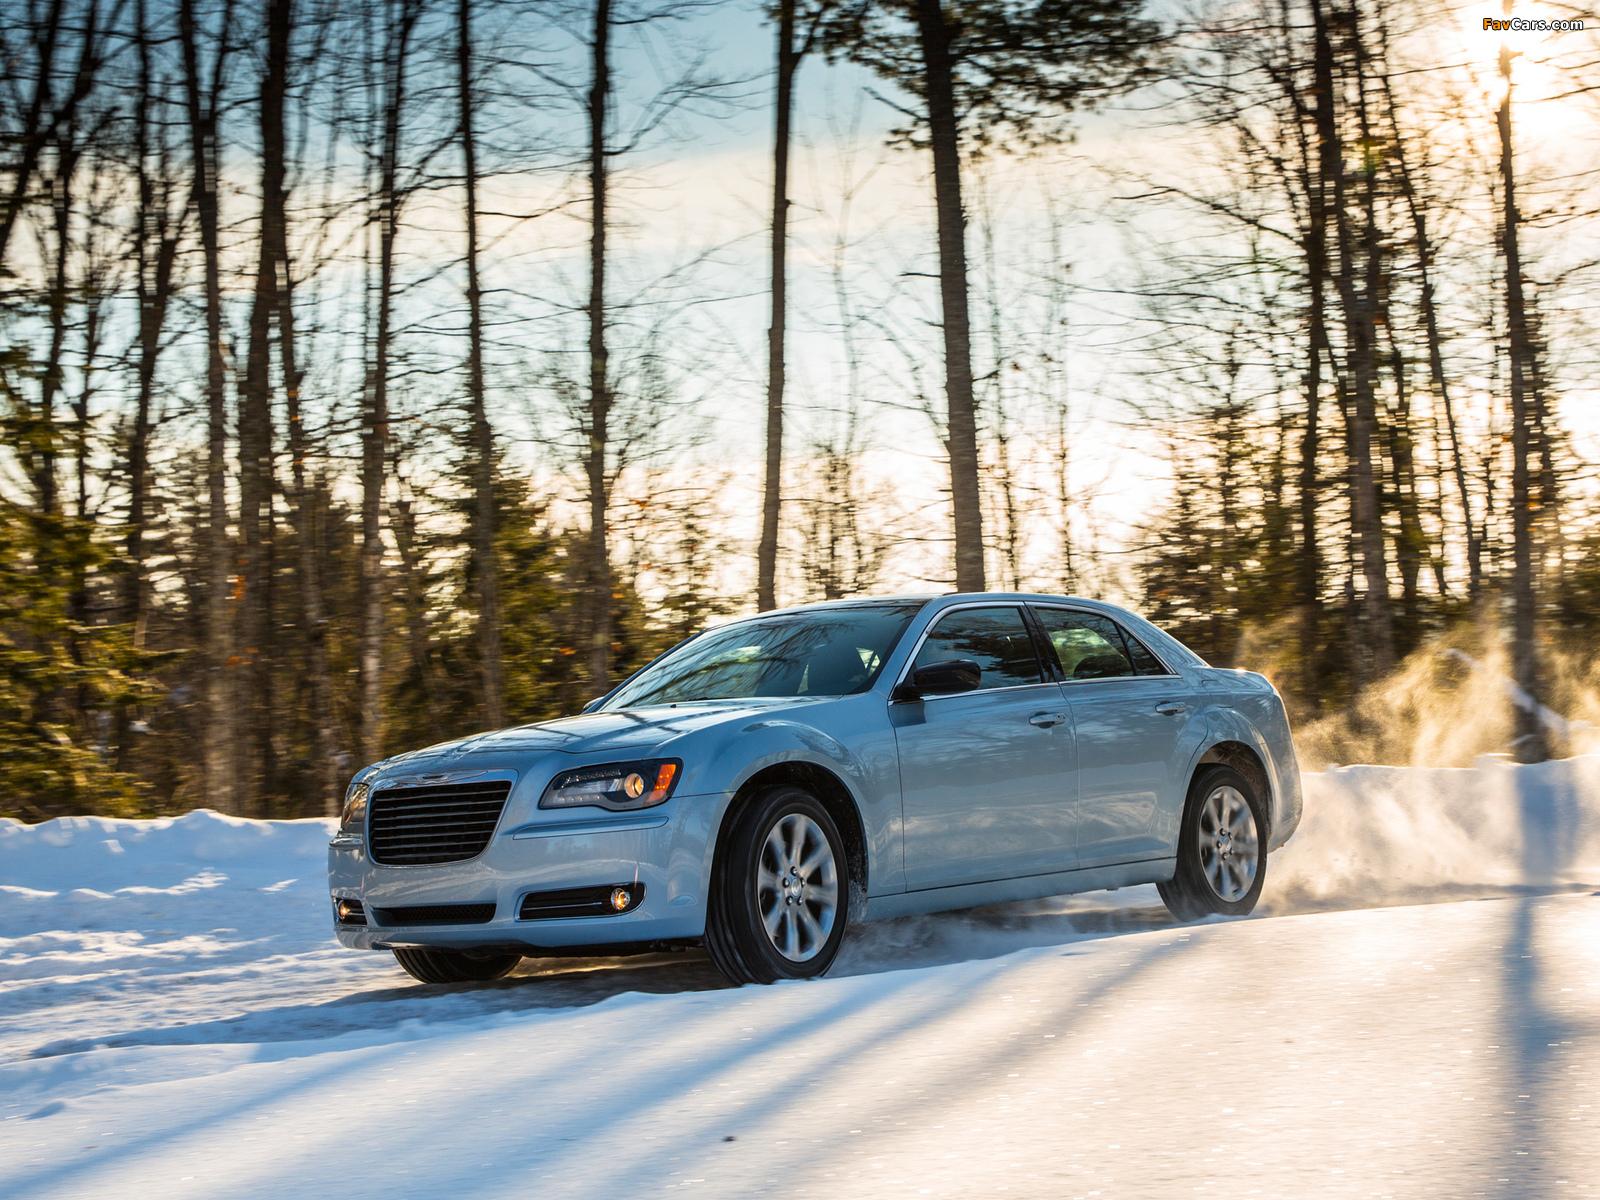 Chrysler 300 Glacier 2013 photos (1600 x 1200)